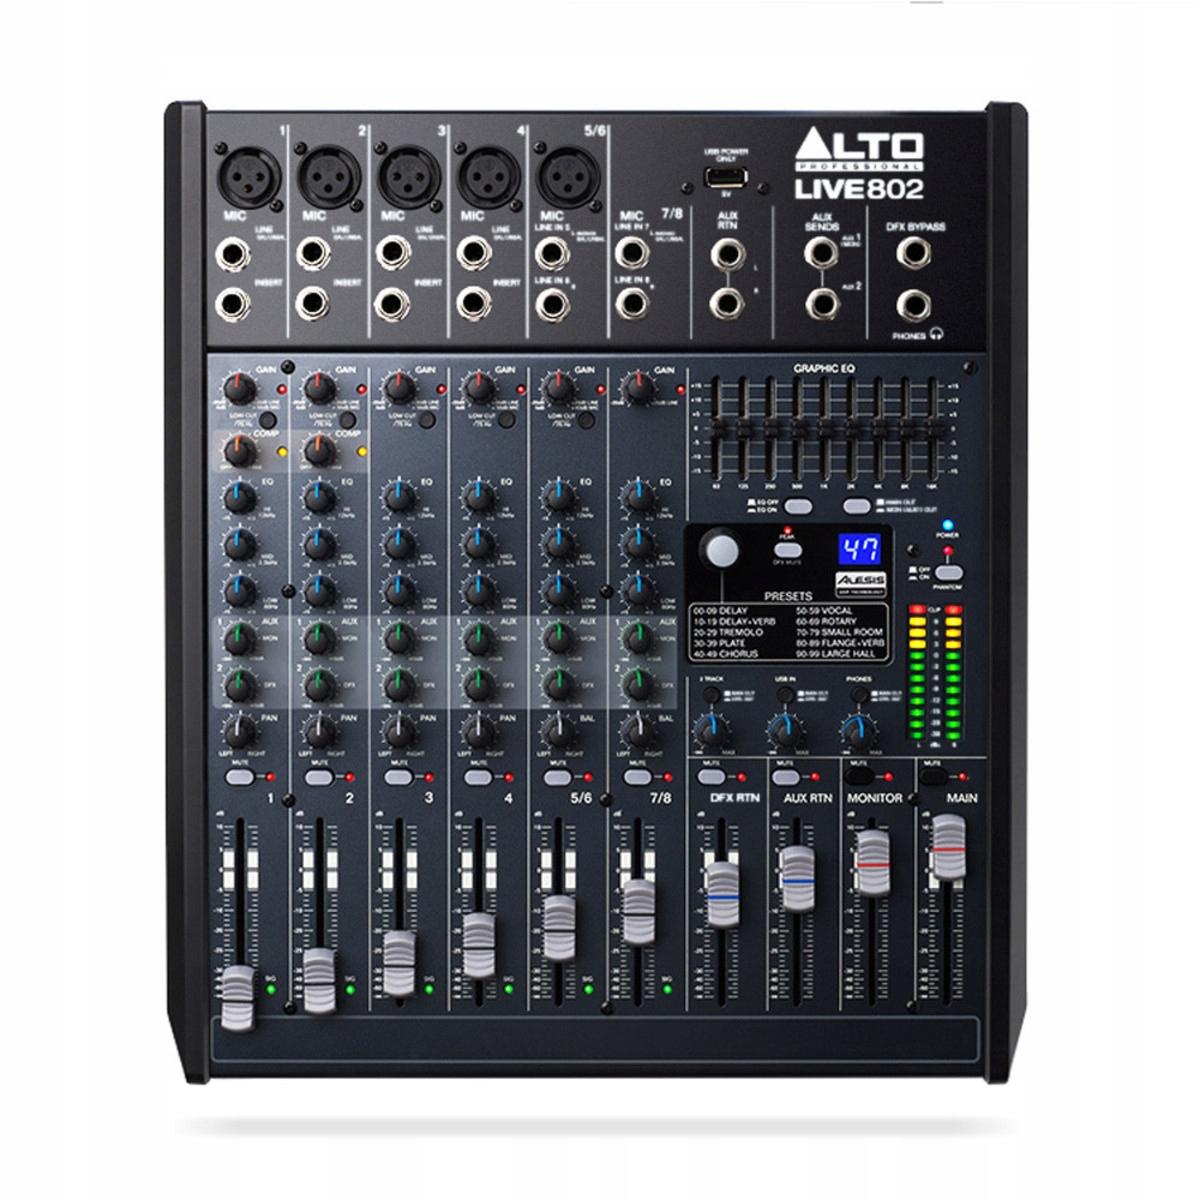 LIVE-802 Alto Professional